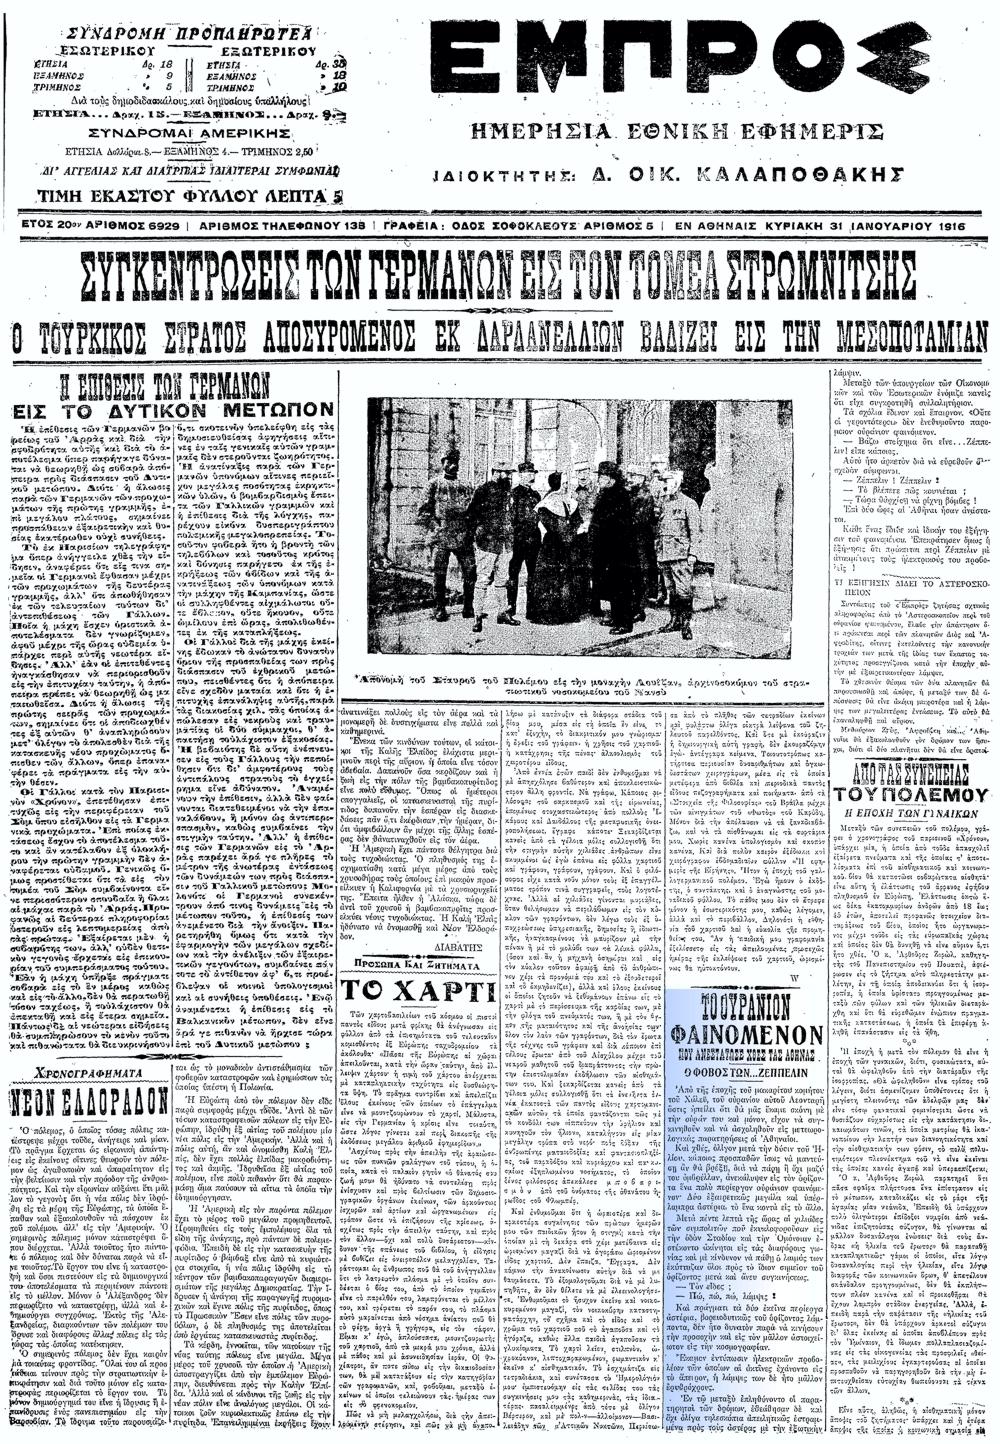 """Το άρθρο, όπως δημοσιεύθηκε στην εφημερίδα """"ΕΜΠΡΟΣ"""", στις 31/01/1916"""